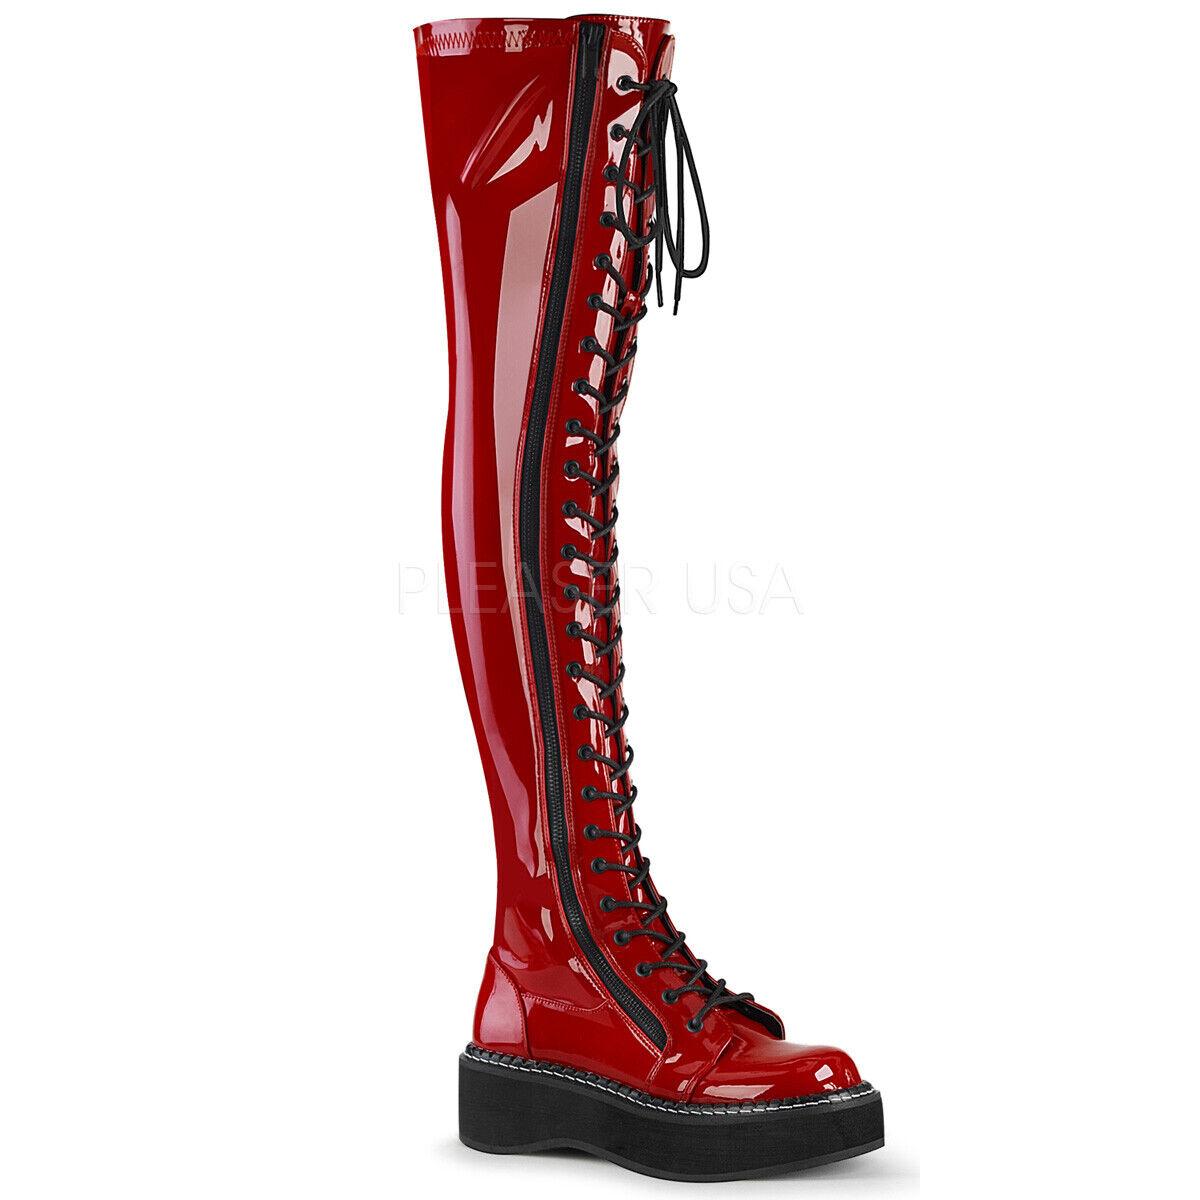 Patente Rojo Alto del muslo botas con cordones Góticos Punk Rock Mujer Demonia Emily - 375